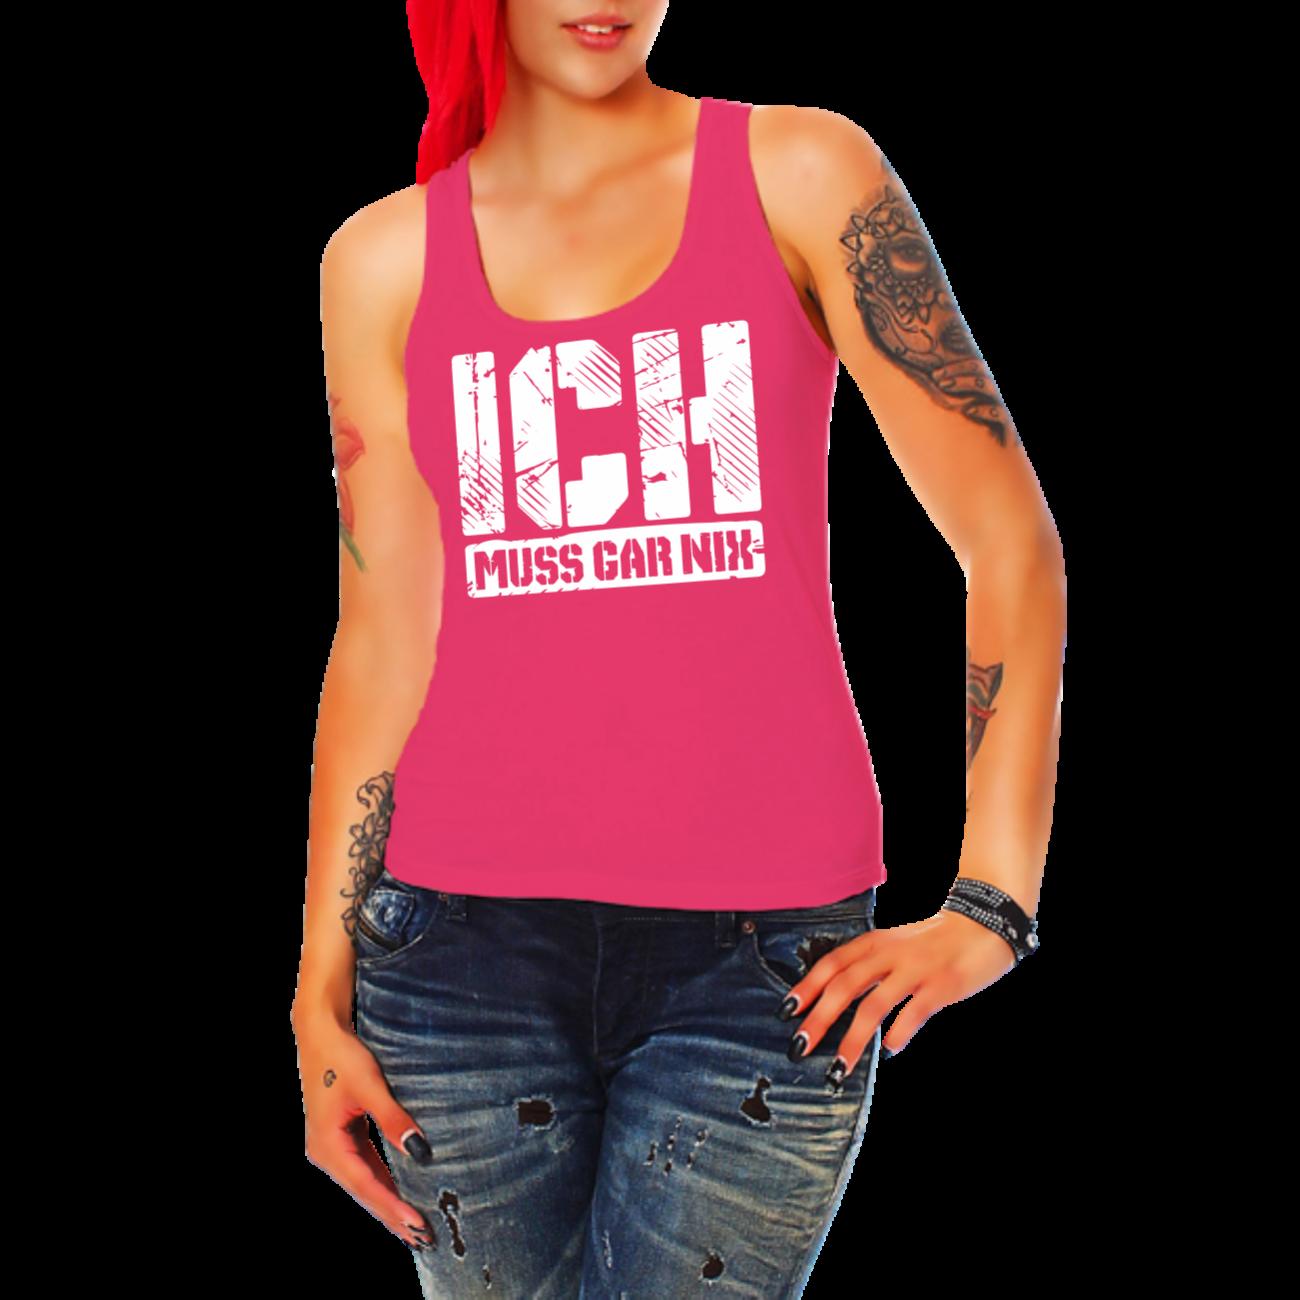 Girls Trägershirt Tank Top ICH MUSS GAR NIX Sprüche Status cool Fun Spaß Spruch